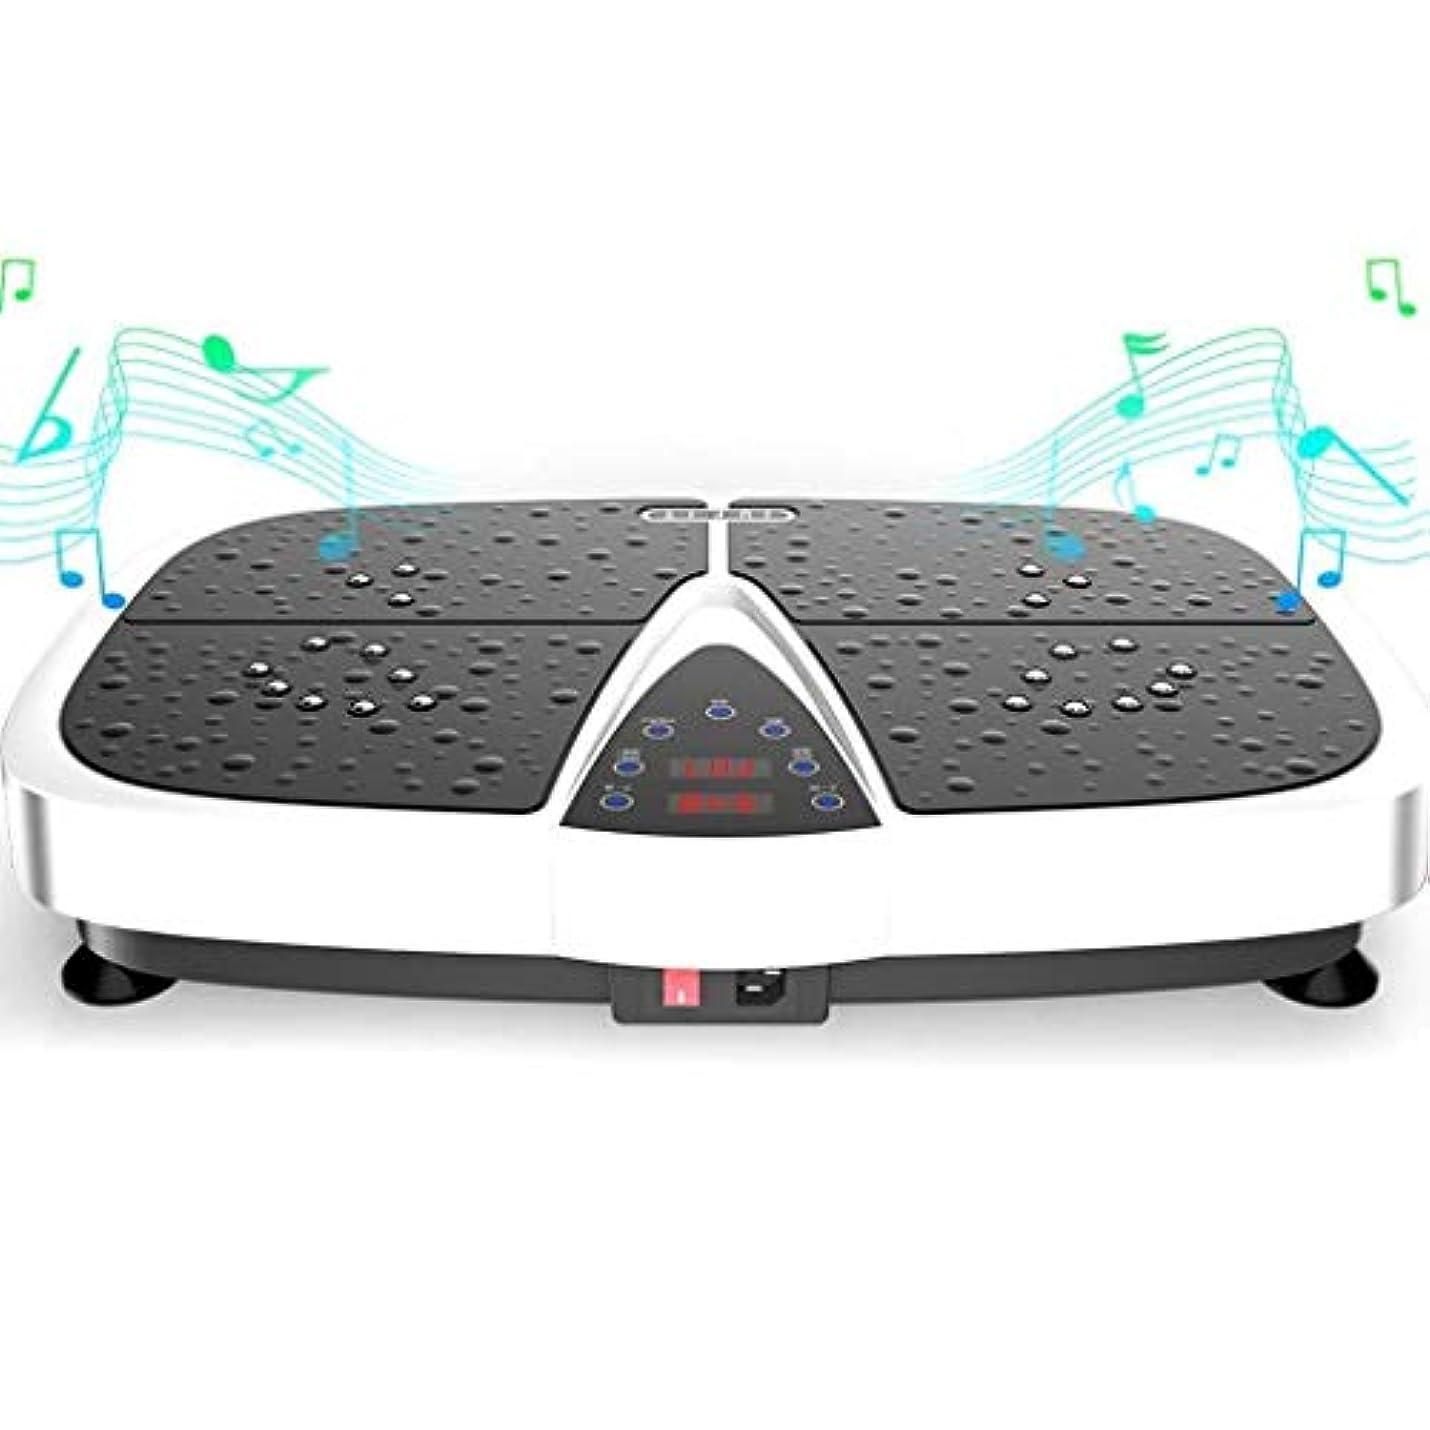 へこみ地元高潔な減量機、スポーツ衝撃吸収フィットネスモデル減量機、Bluetooth音楽スピーカーとリモートコントロール、ユニセックス振動板、家族/ジムに適しています (Color : 白)